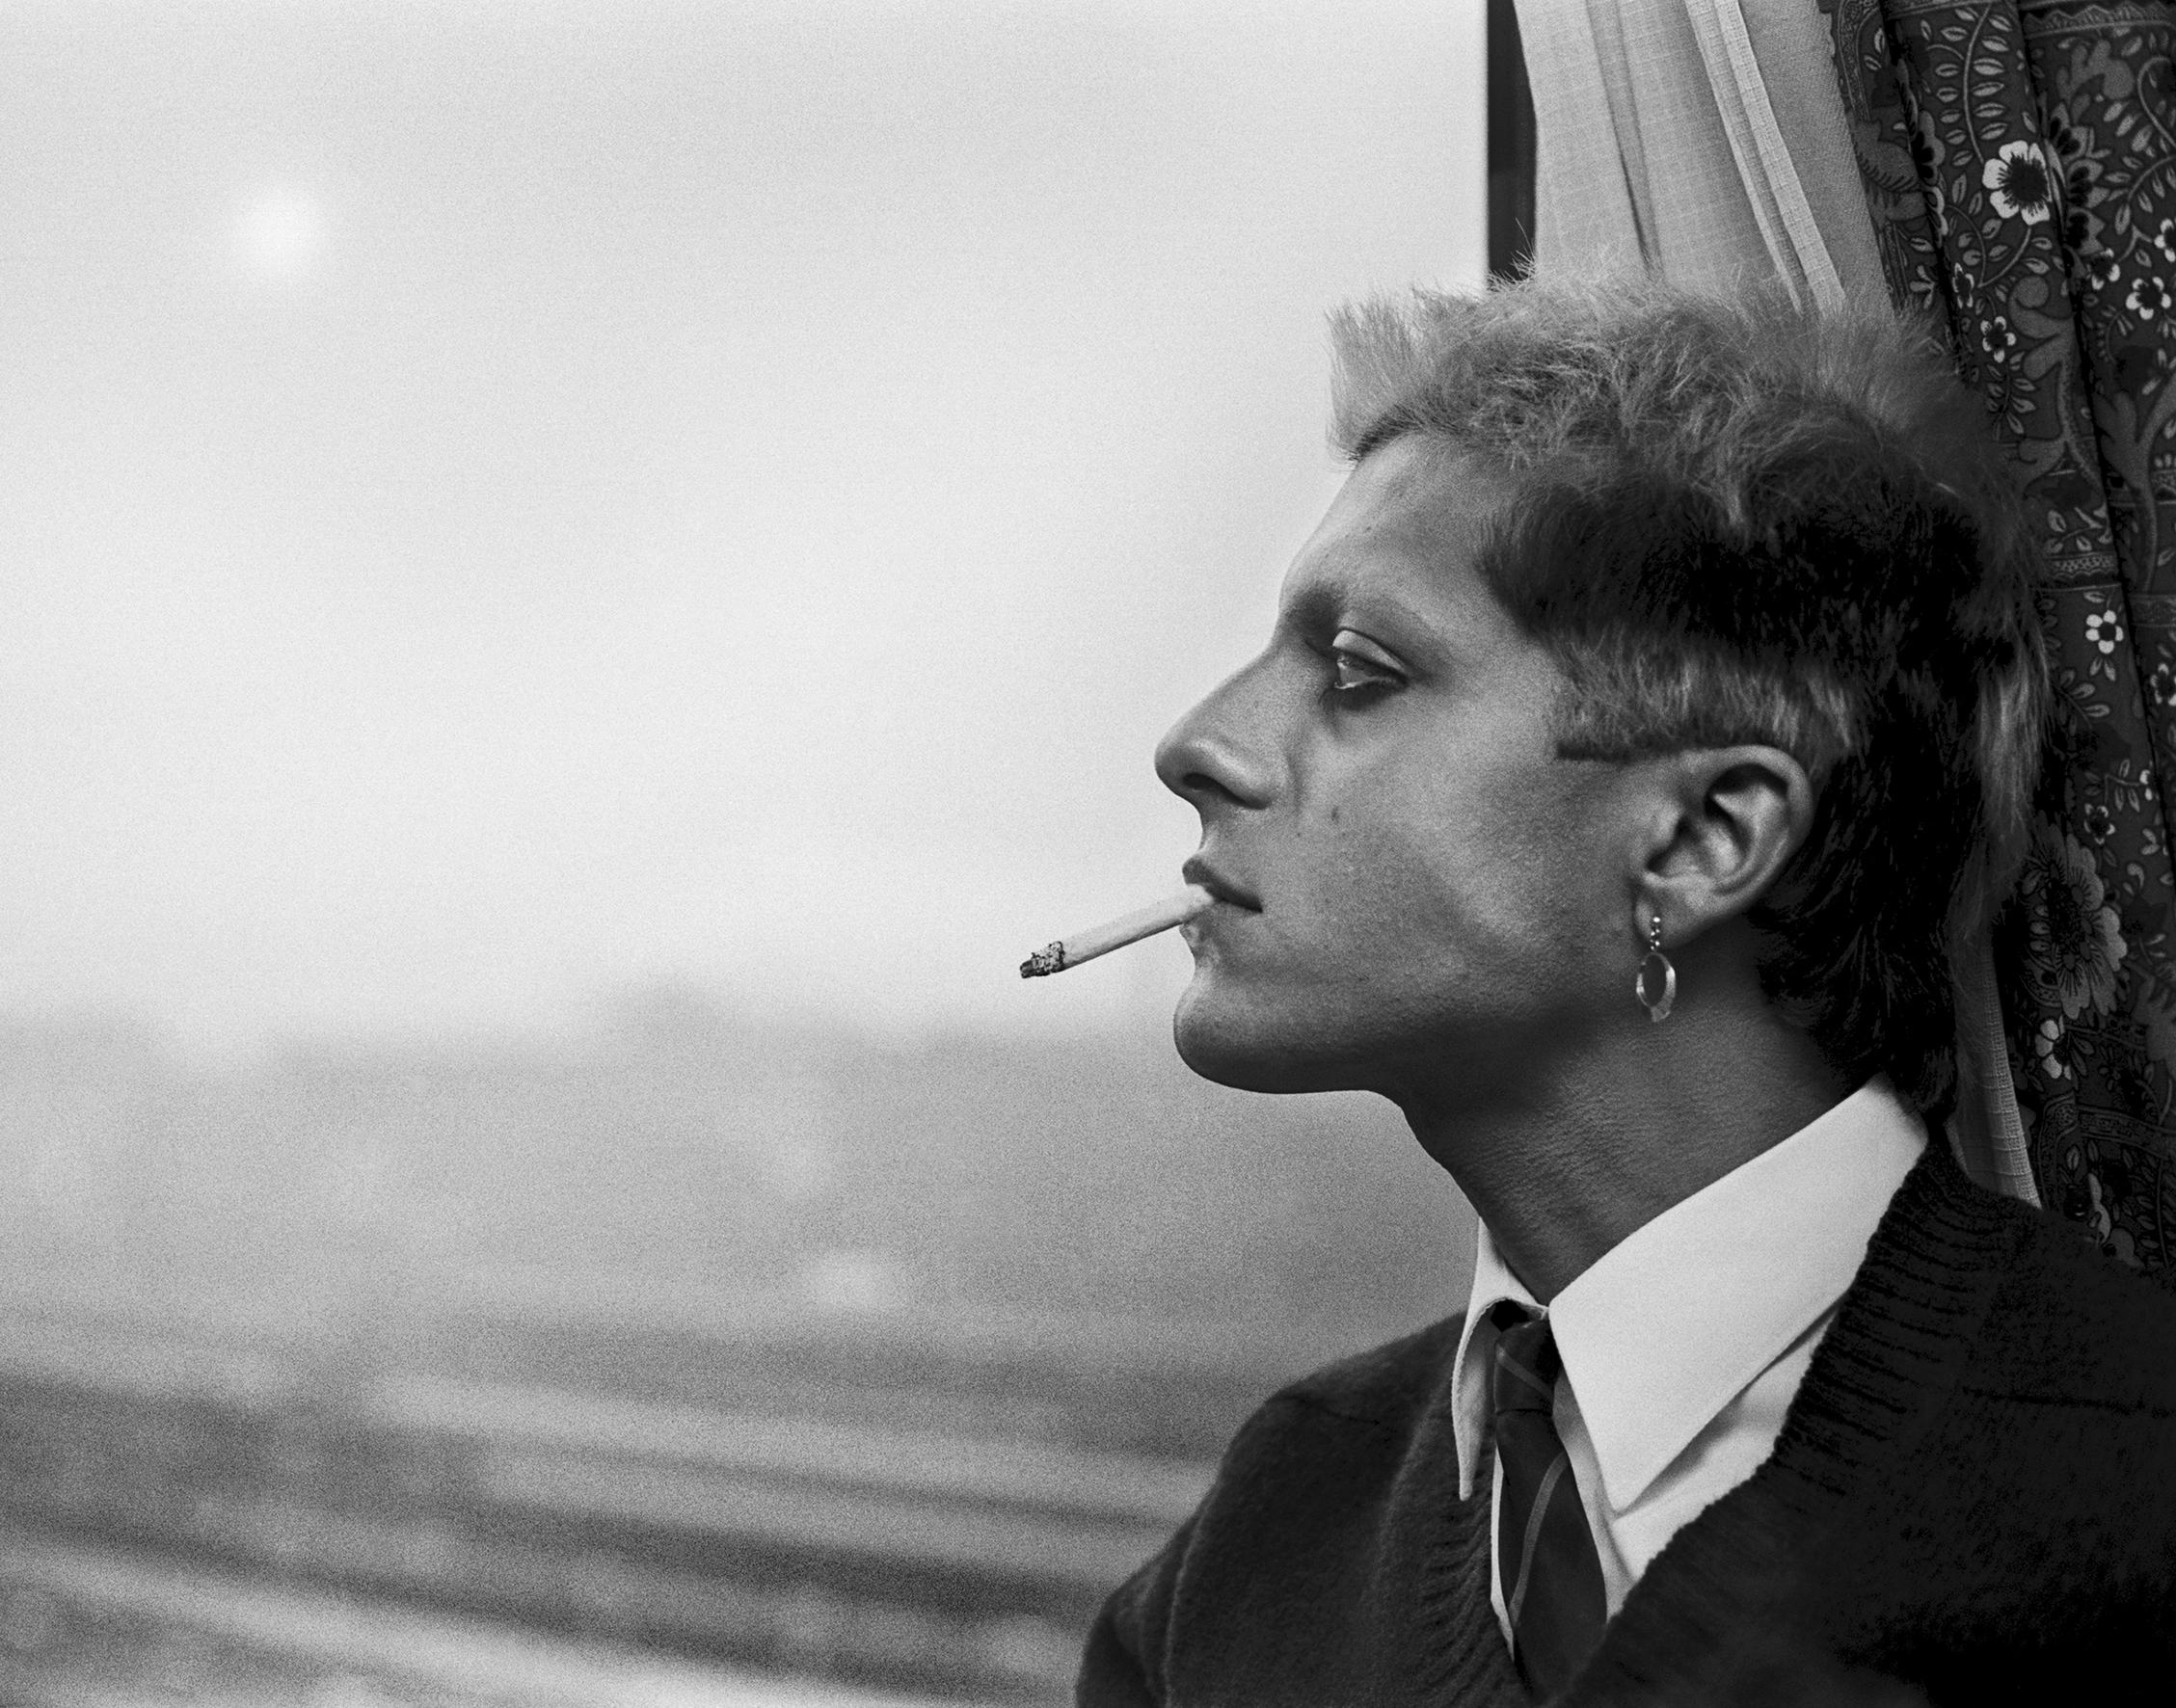 スティーヴ・ジャンセンの日本で初となる写真展「Through A Quiet Window ―スティ